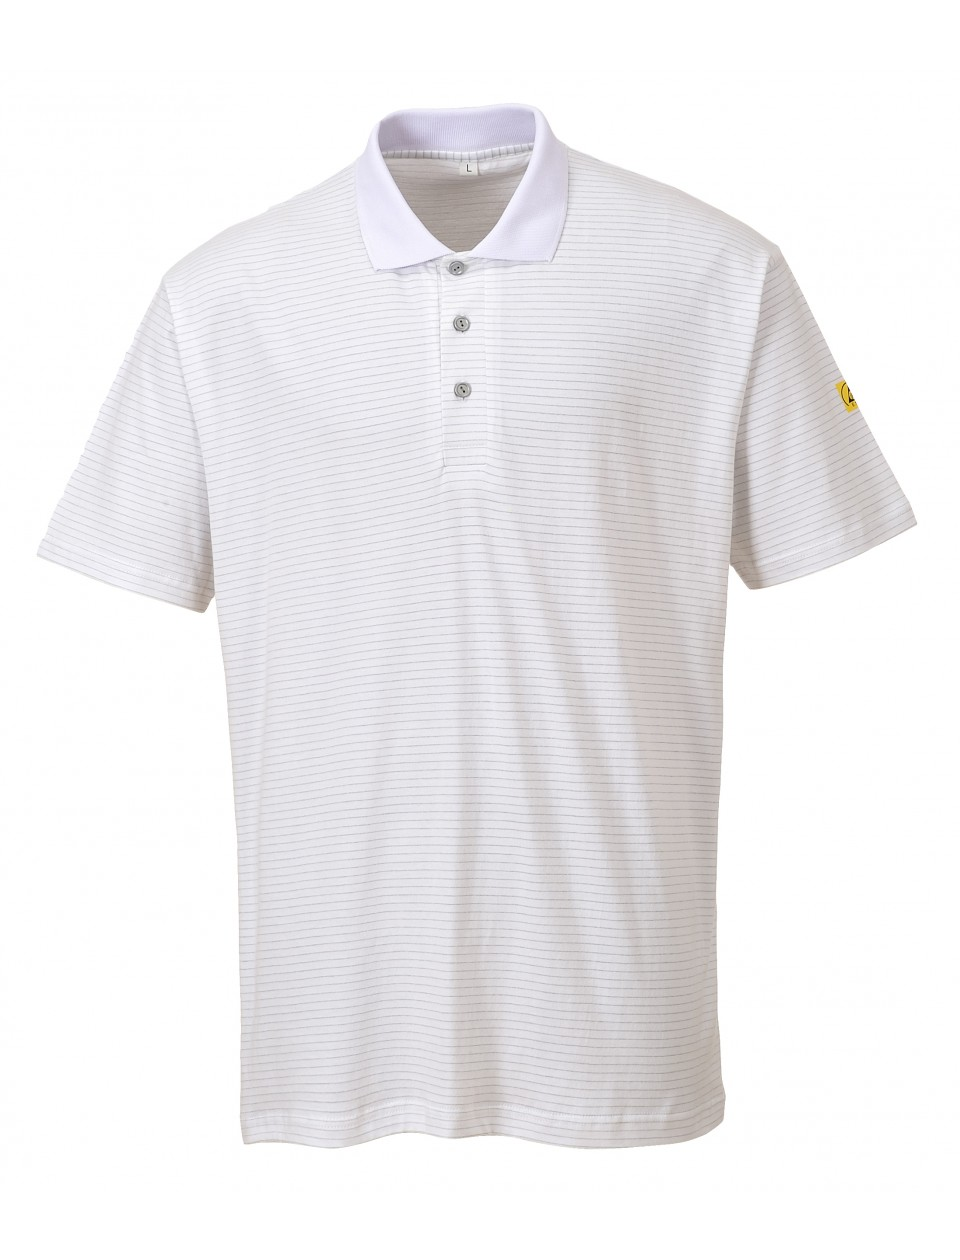 Anti Static Clothing : Porwest anti static esd polo shirt as